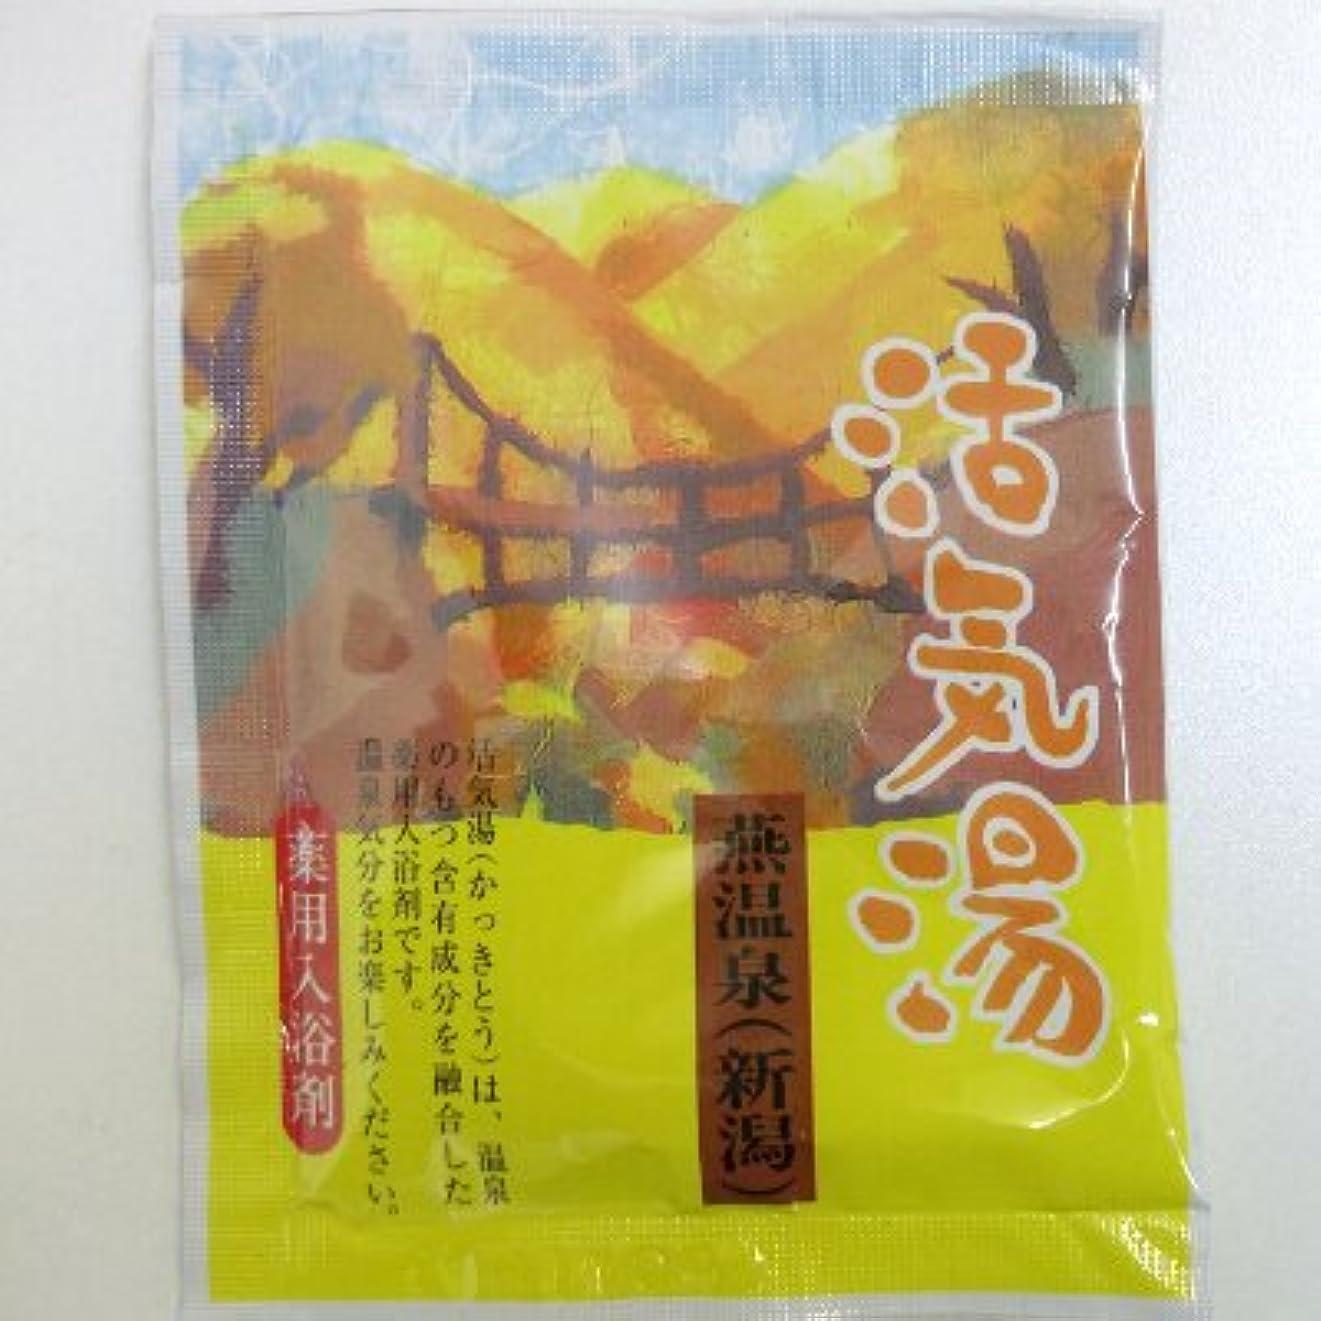 バイオレット反抗シェル活気湯 燕温泉(シトラス)